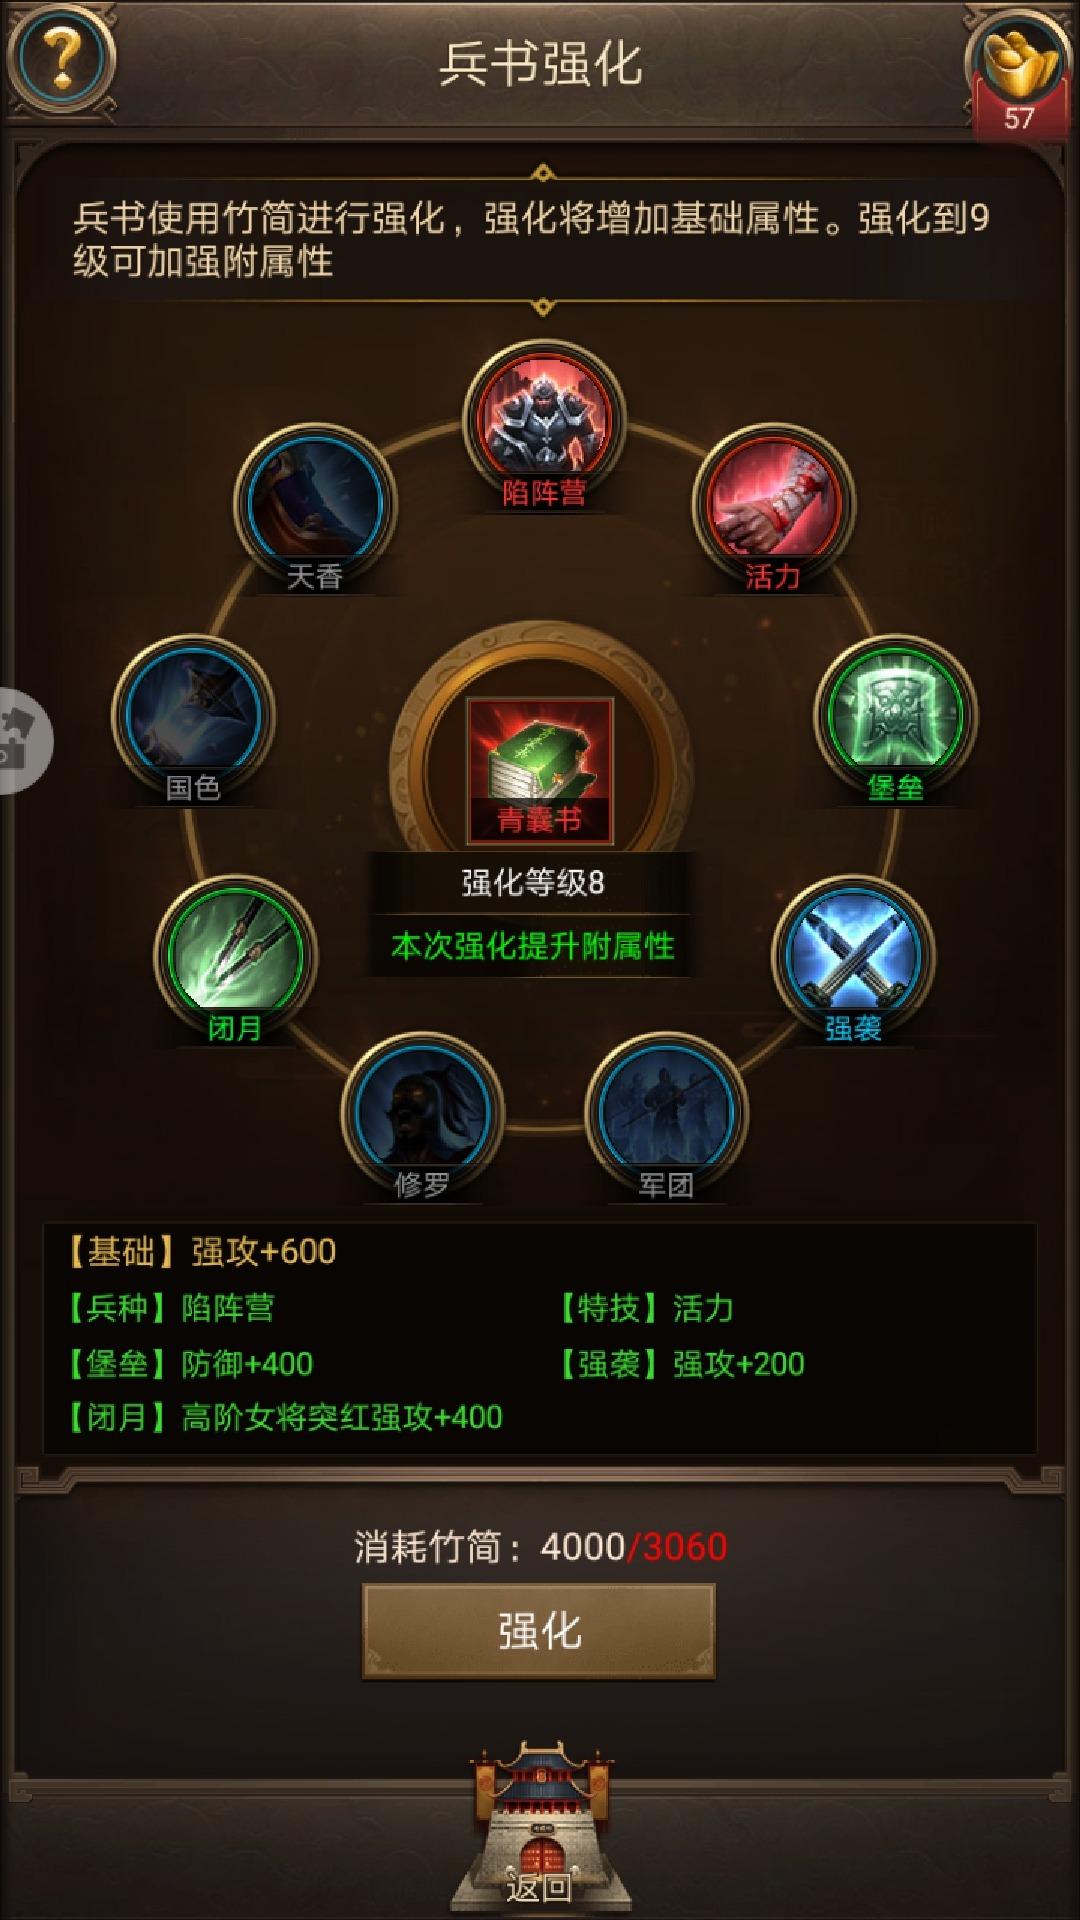 Screenshot_20190710_174748_juedi.tatuyin.rxsg.huawei.jpg